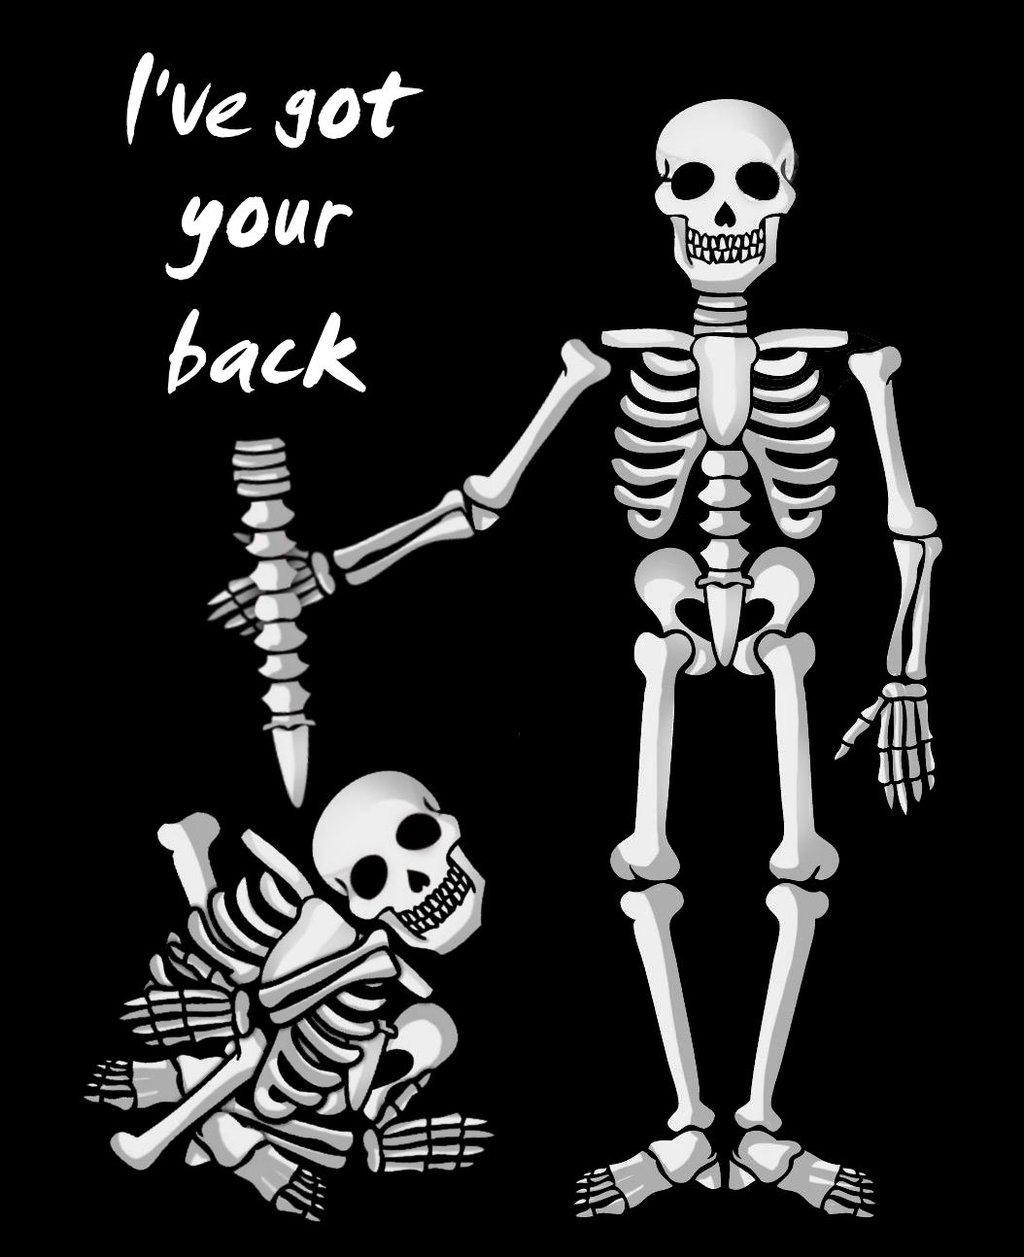 i_ve_got_your_back____by_brandtk-d6uh931